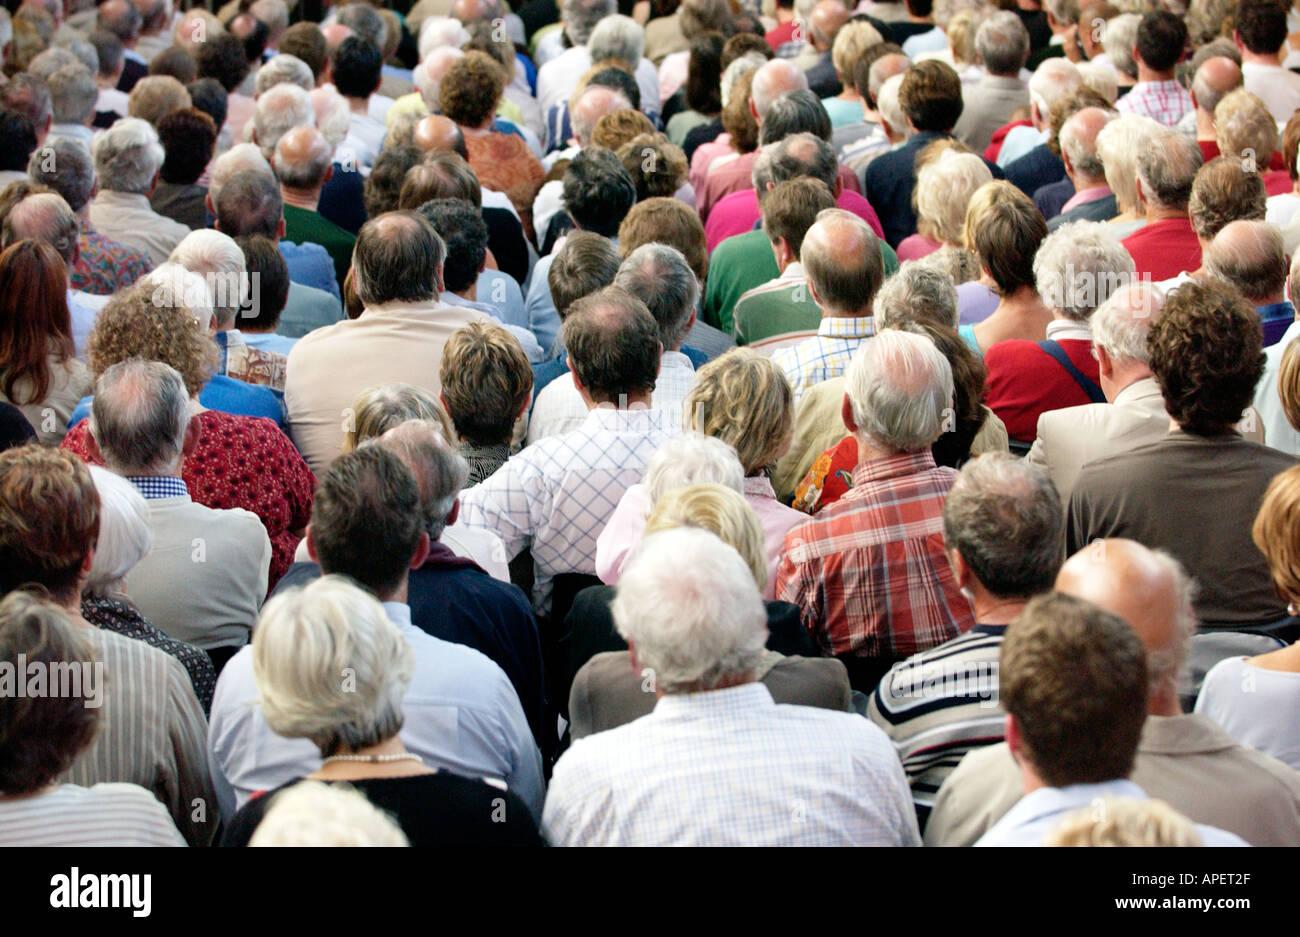 Publikum zu einem Auftritt bei der jährlichen Brecon Jazz Festival Powys Wales UK Stockbild